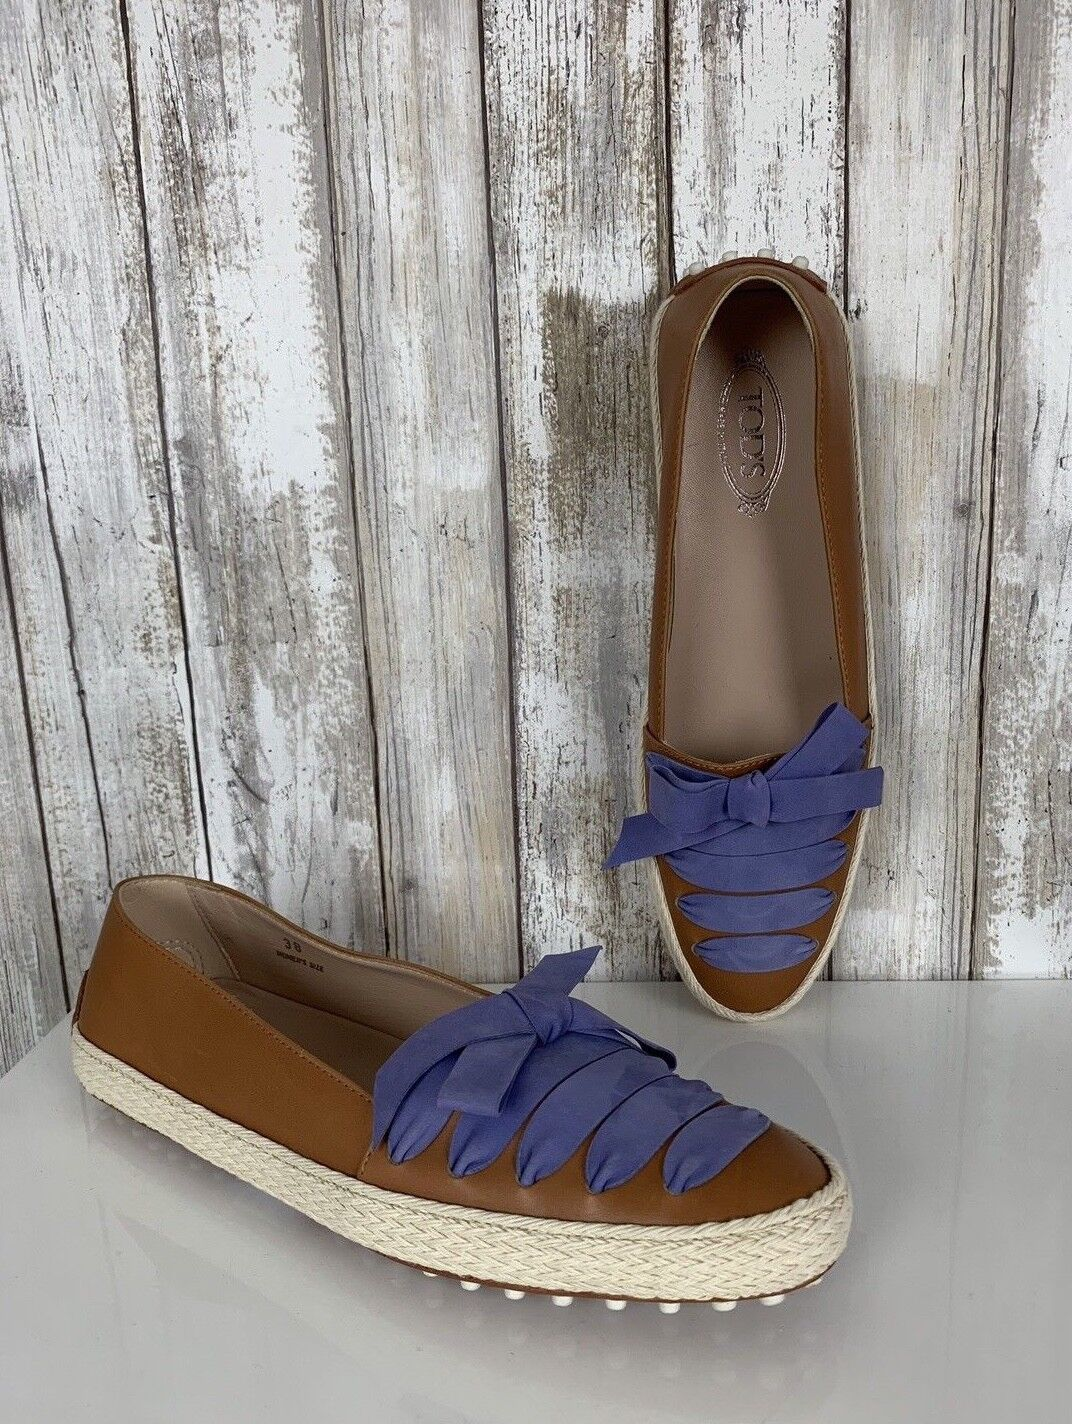 645 Tod'S tan Azul Cuero Con Cordones GOMMINO GOMMINO GOMMINO Slip On Alpargatas Flats 38 Rara  tienda en linea